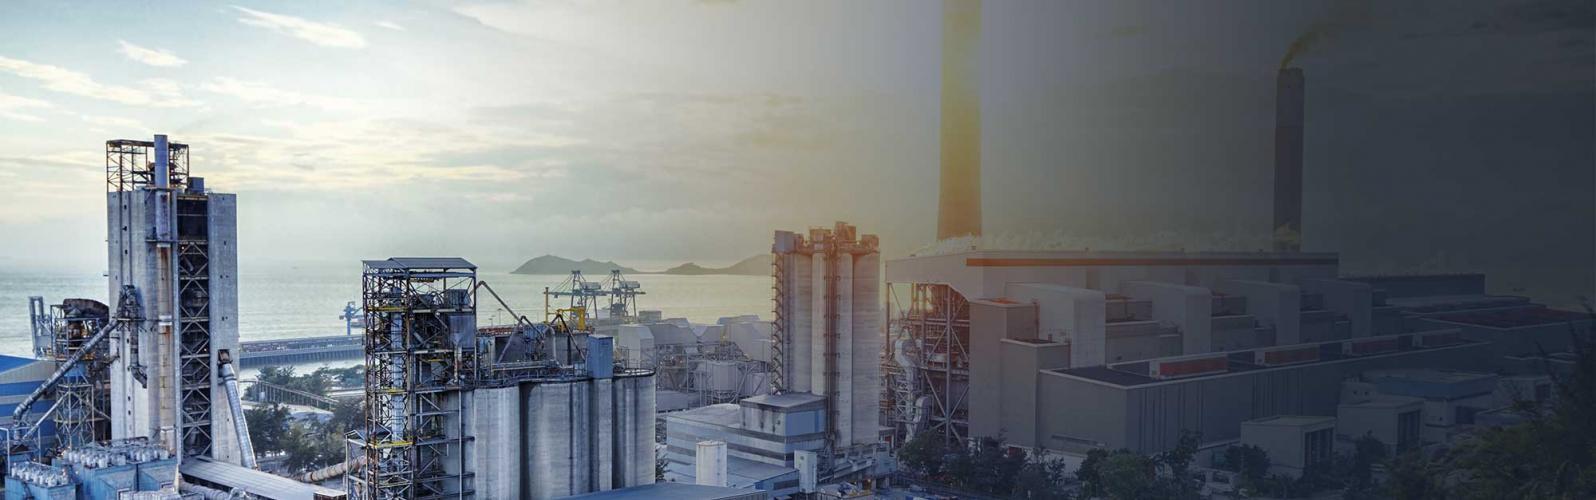 PCM ist ein führender Hersteller von Pump-, Dosier-, Misch-, und Abfüllsystemen